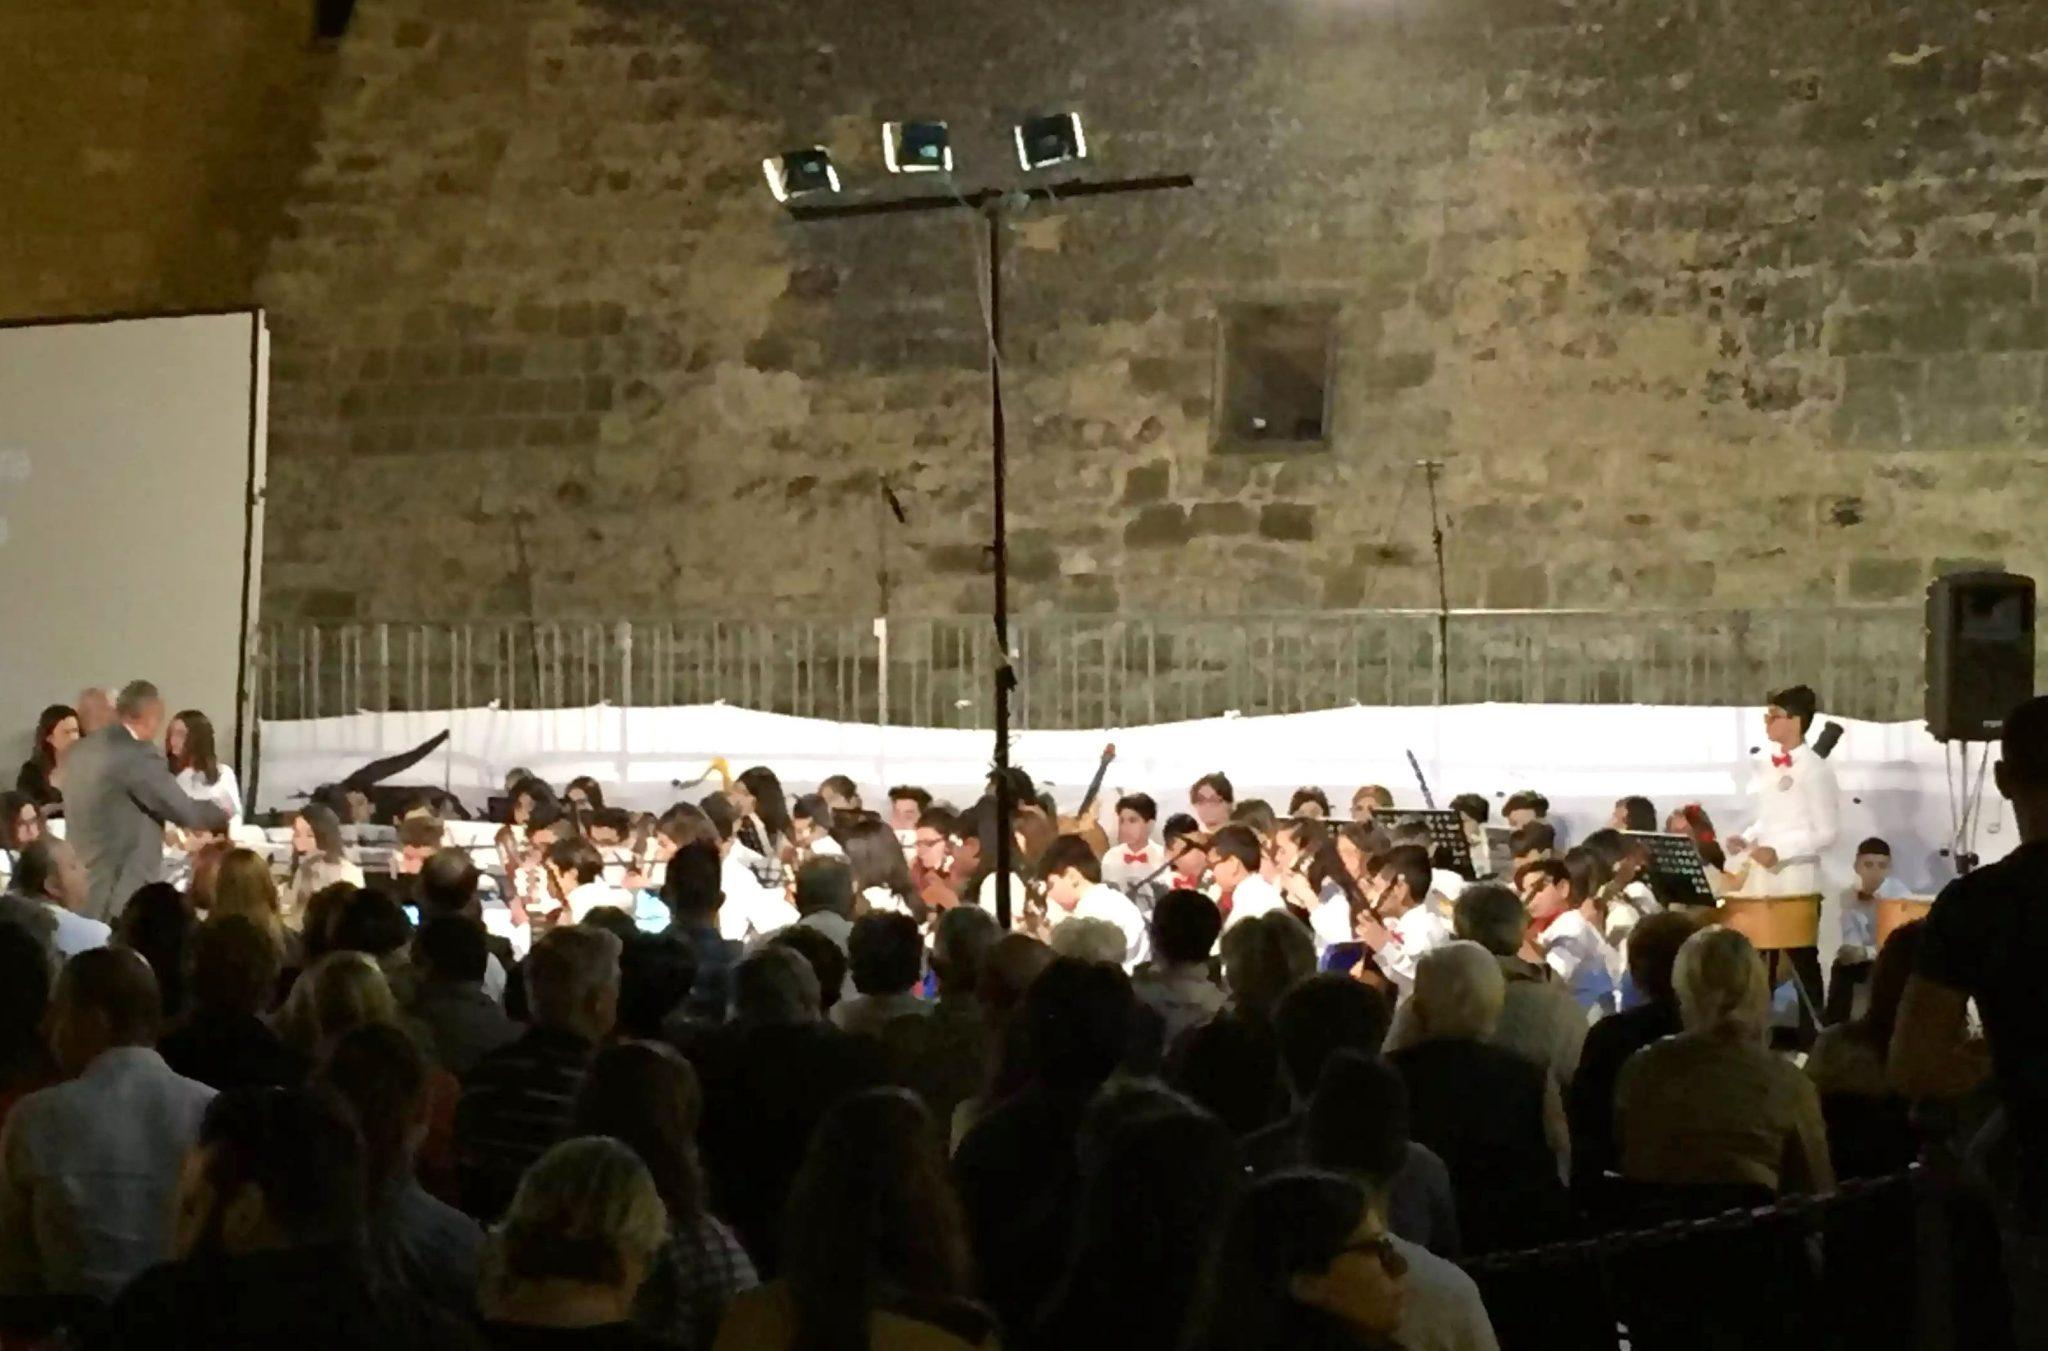 Pulsano Town Concert Dinner Square Puglia